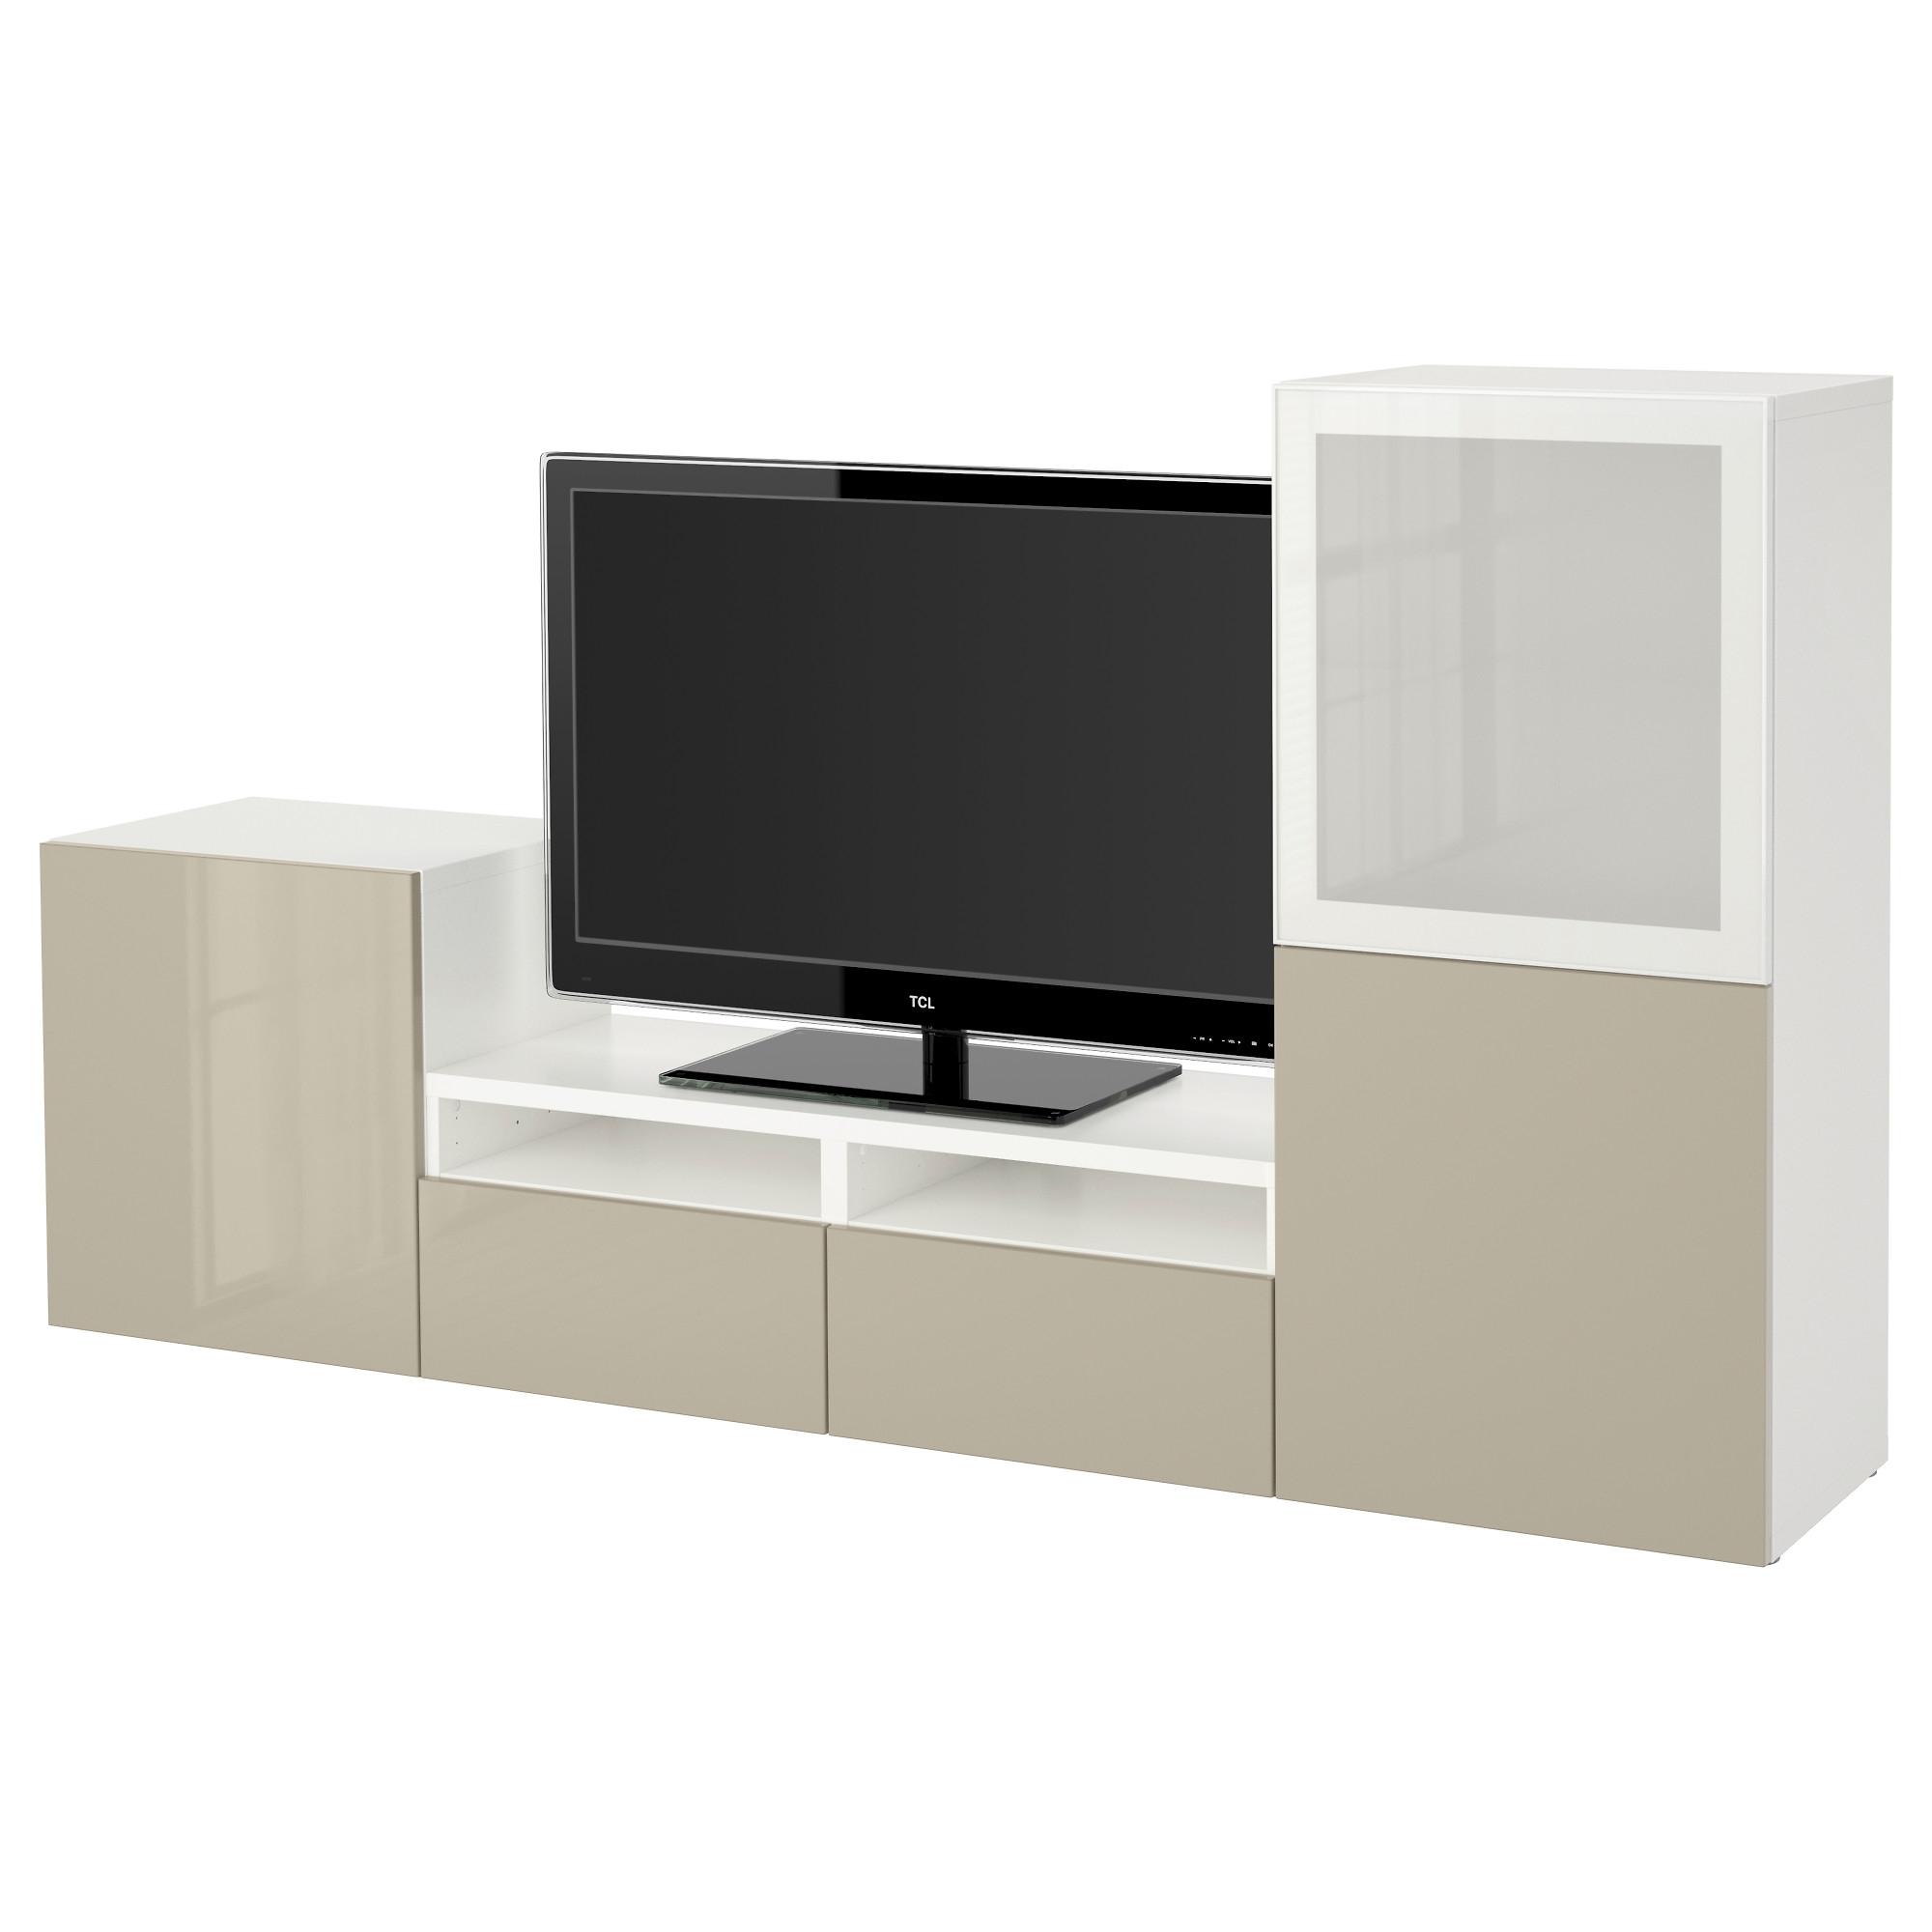 Best tv storage combination glass doors for Besta fotos